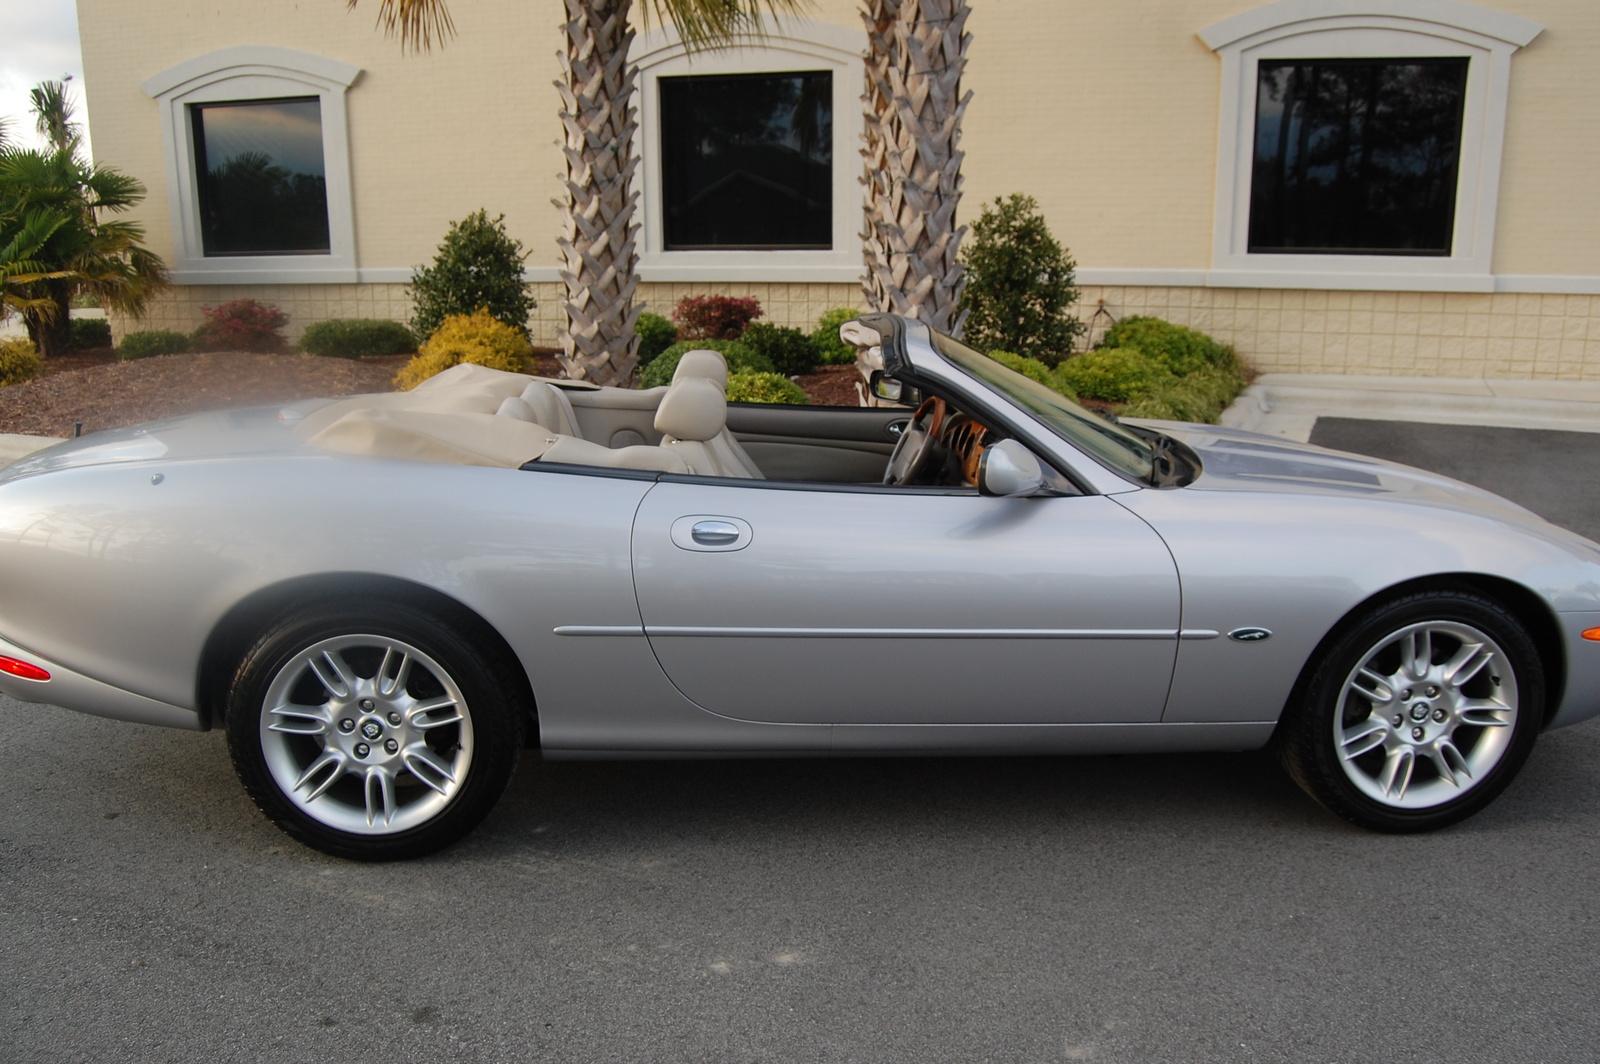 2001 Jaguar XK-Series - Pictures - CarGurus